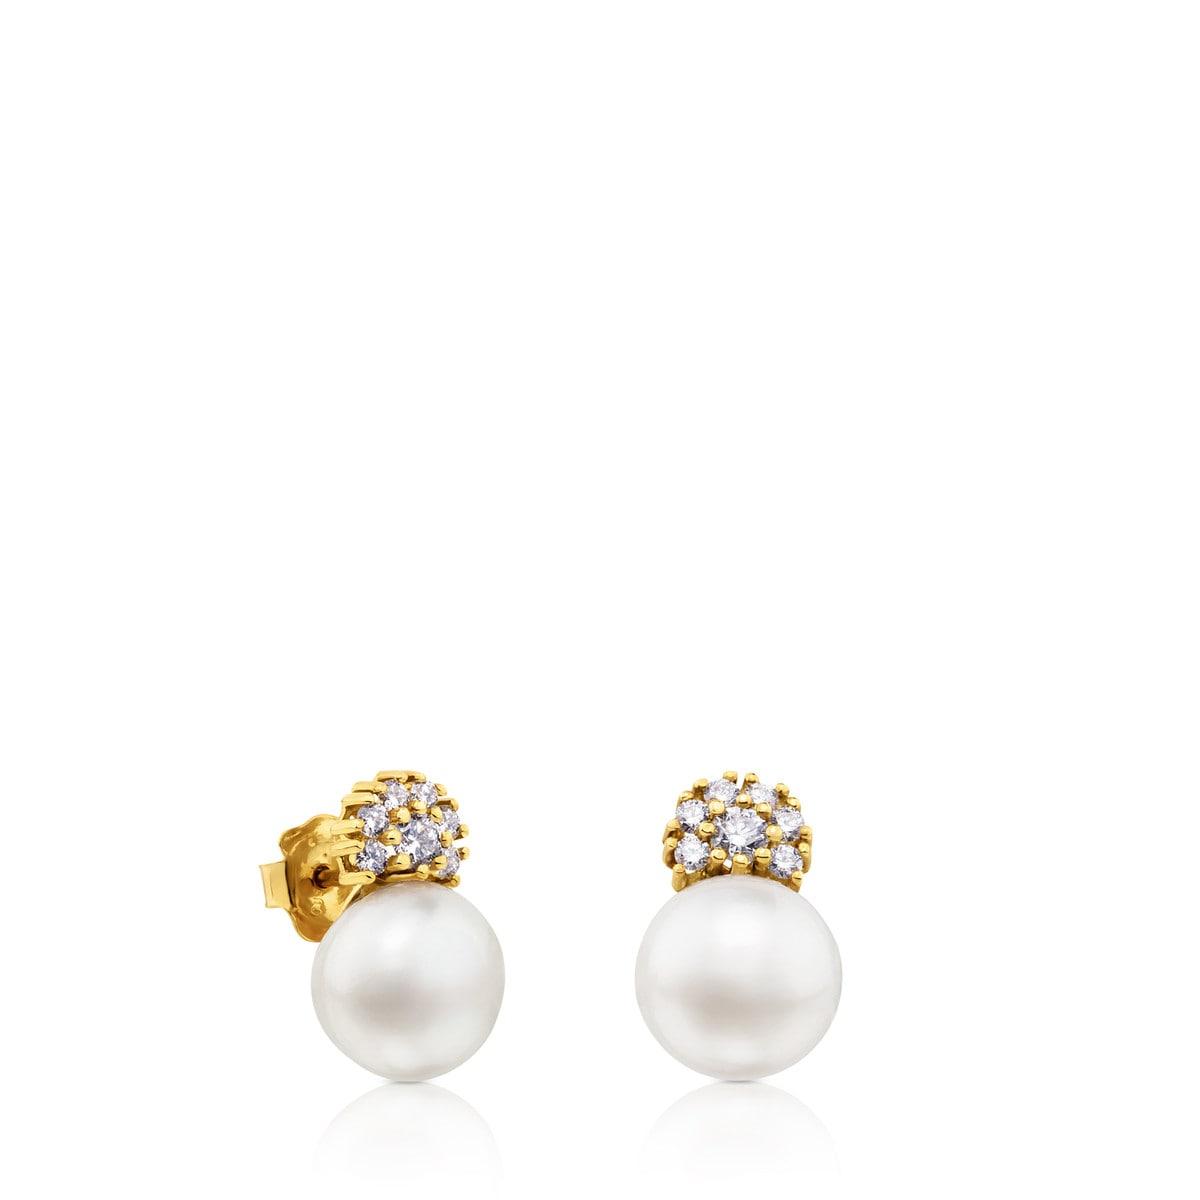 89b6ceb87e23 Pendientes ATELIER Classic de Oro con Perla y Diamantes - Sitio web ...